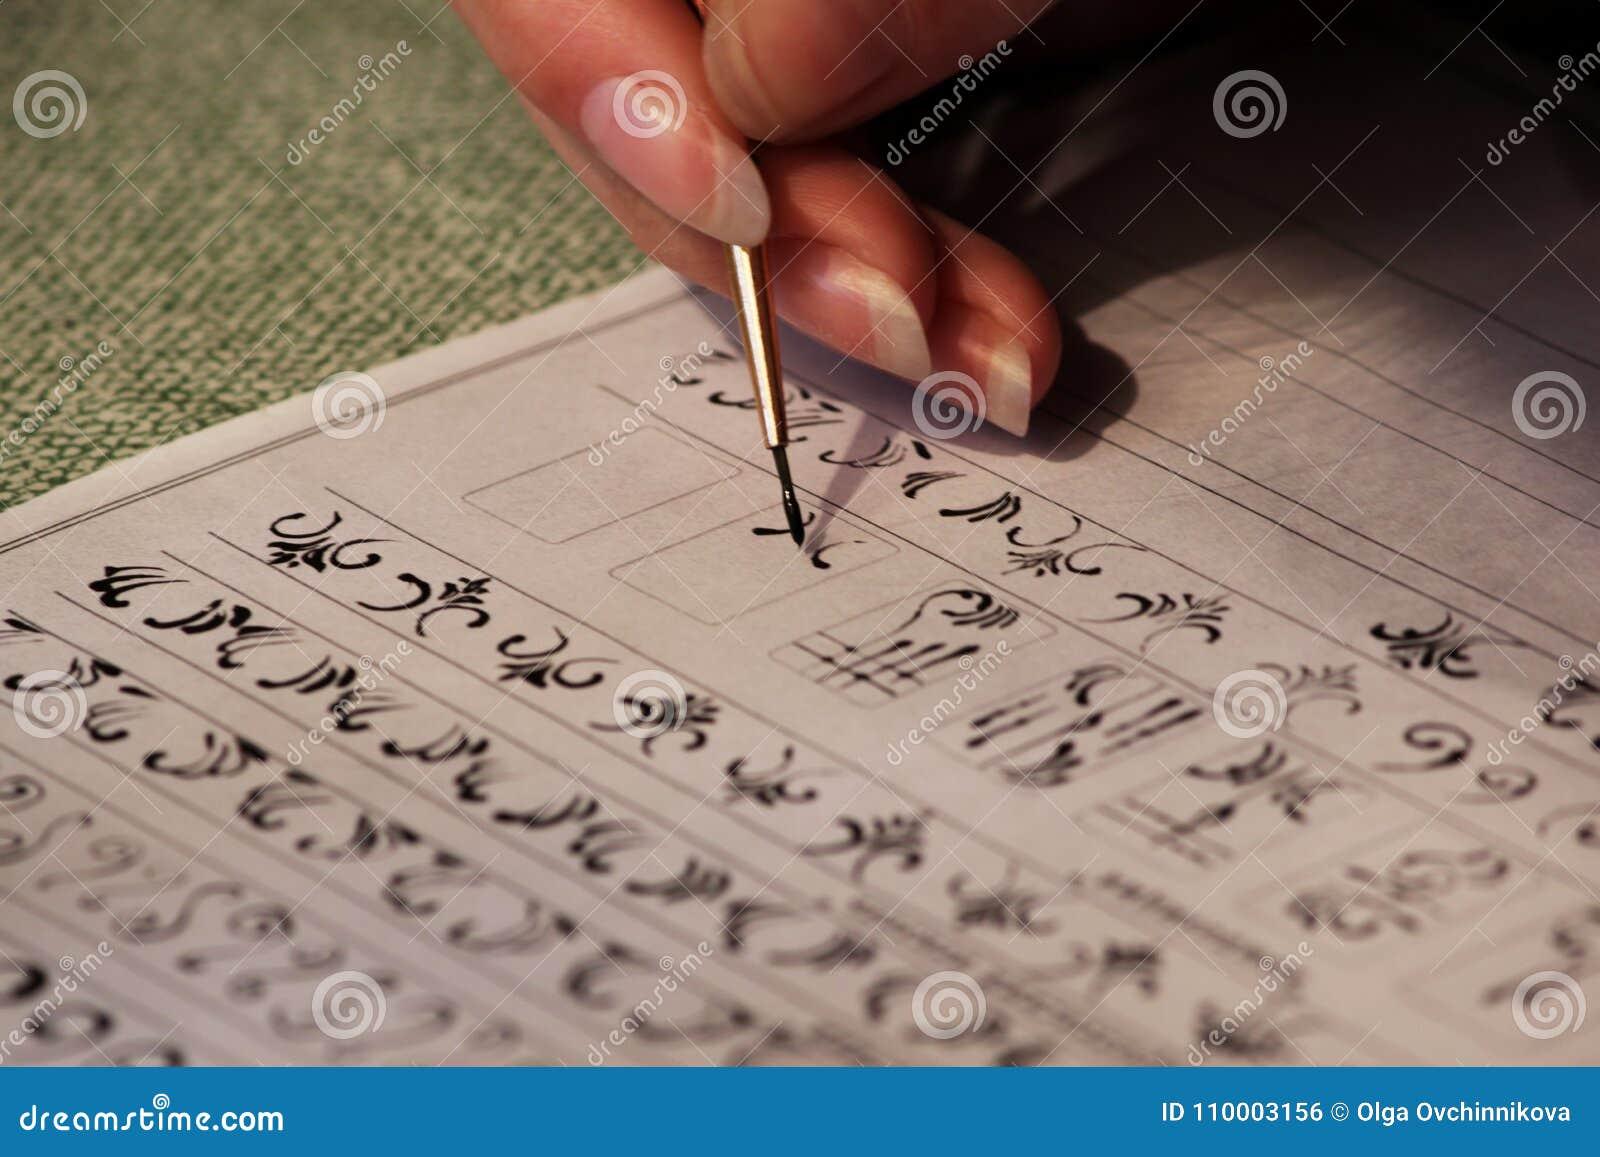 La studentessa impara disegnare i monogrammi per il disegno loro sulle unghie quando crea un manicure con la gomma lacca della la